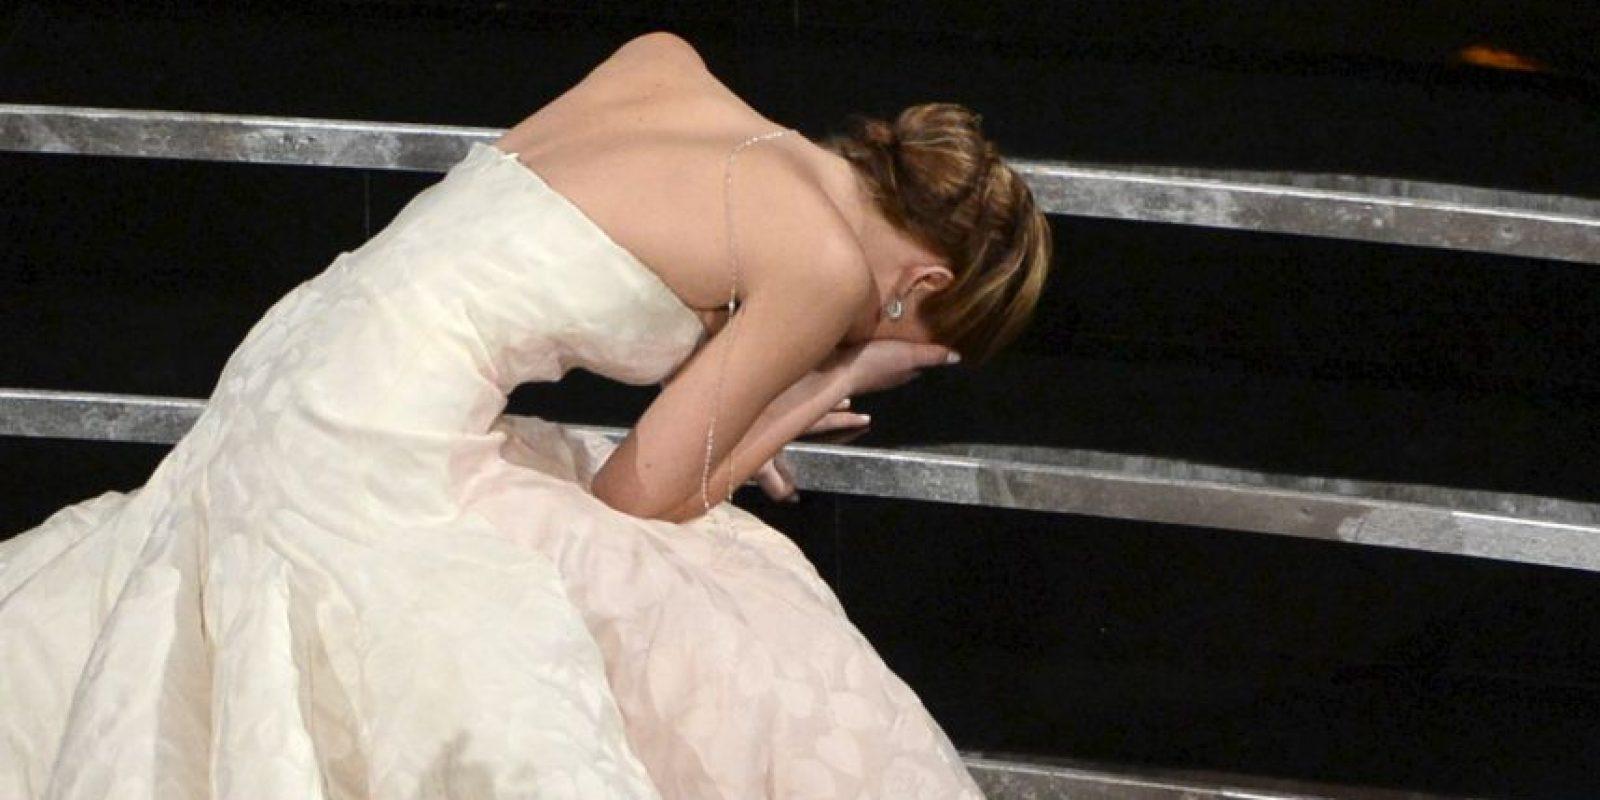 La actriz tropezó ante el ojo público cuando se disponía a recibir su estatuilla. Foto:Getty Images